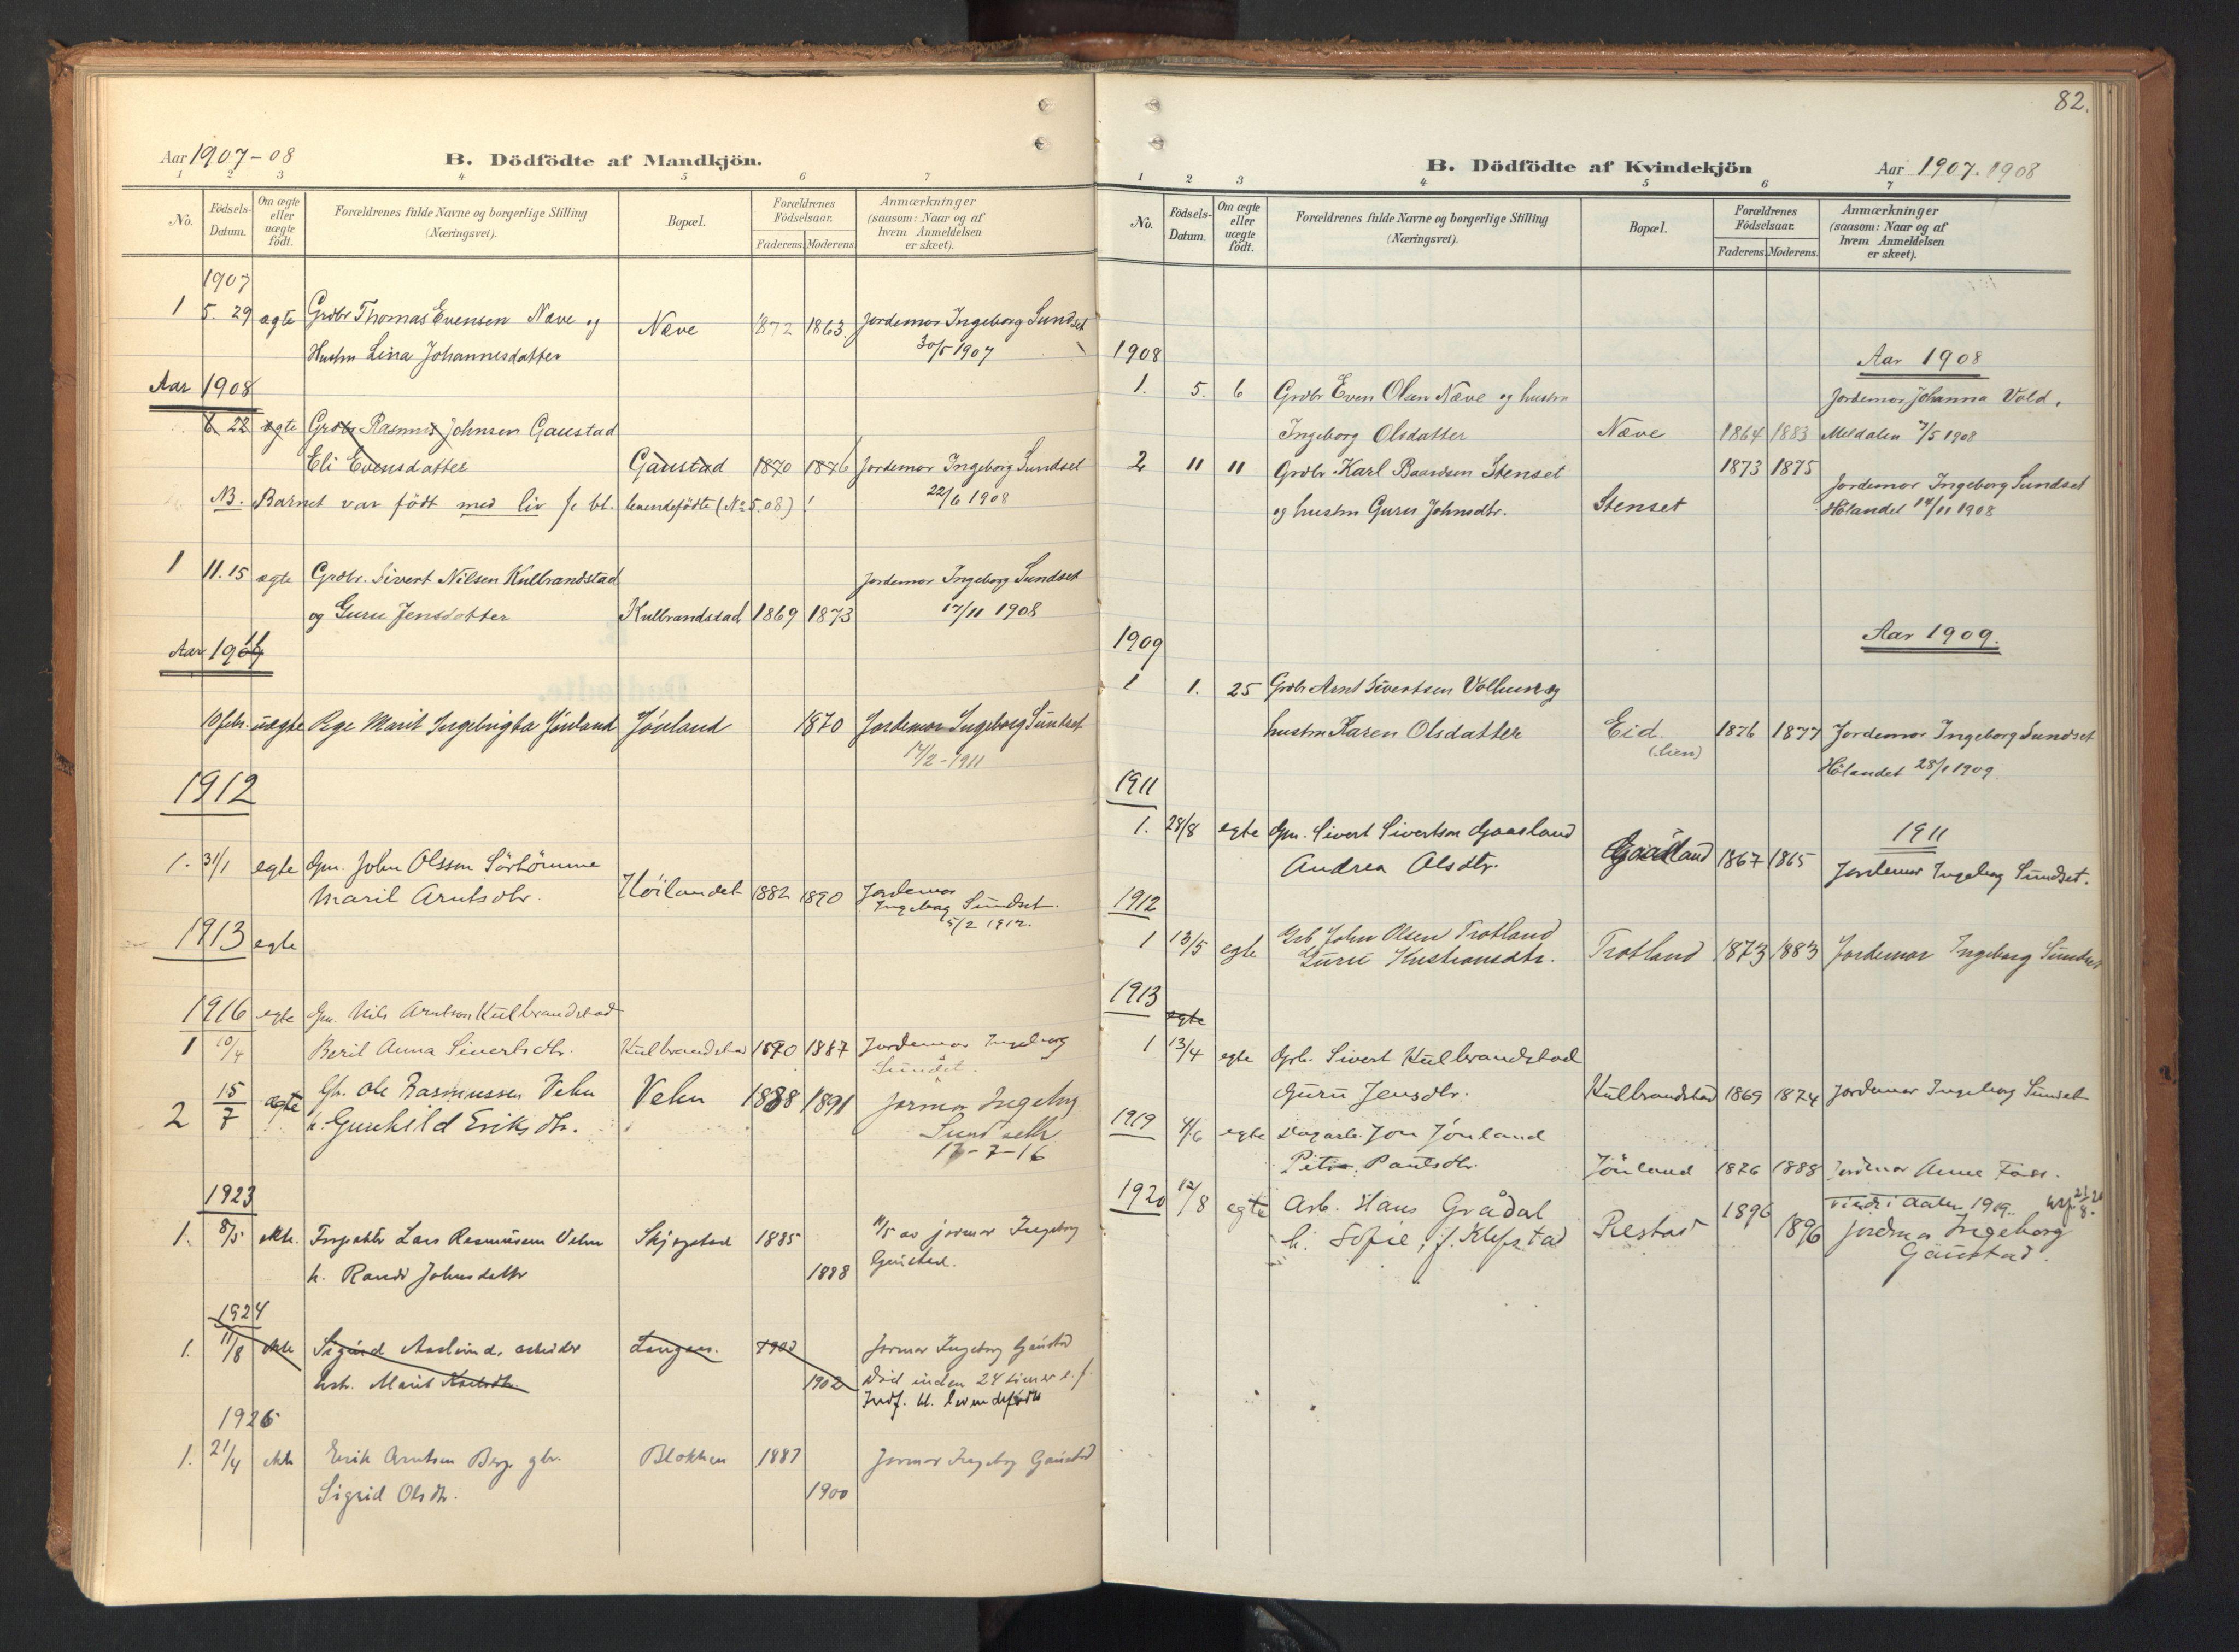 SAT, Ministerialprotokoller, klokkerbøker og fødselsregistre - Sør-Trøndelag, 694/L1128: Ministerialbok nr. 694A02, 1906-1931, s. 82